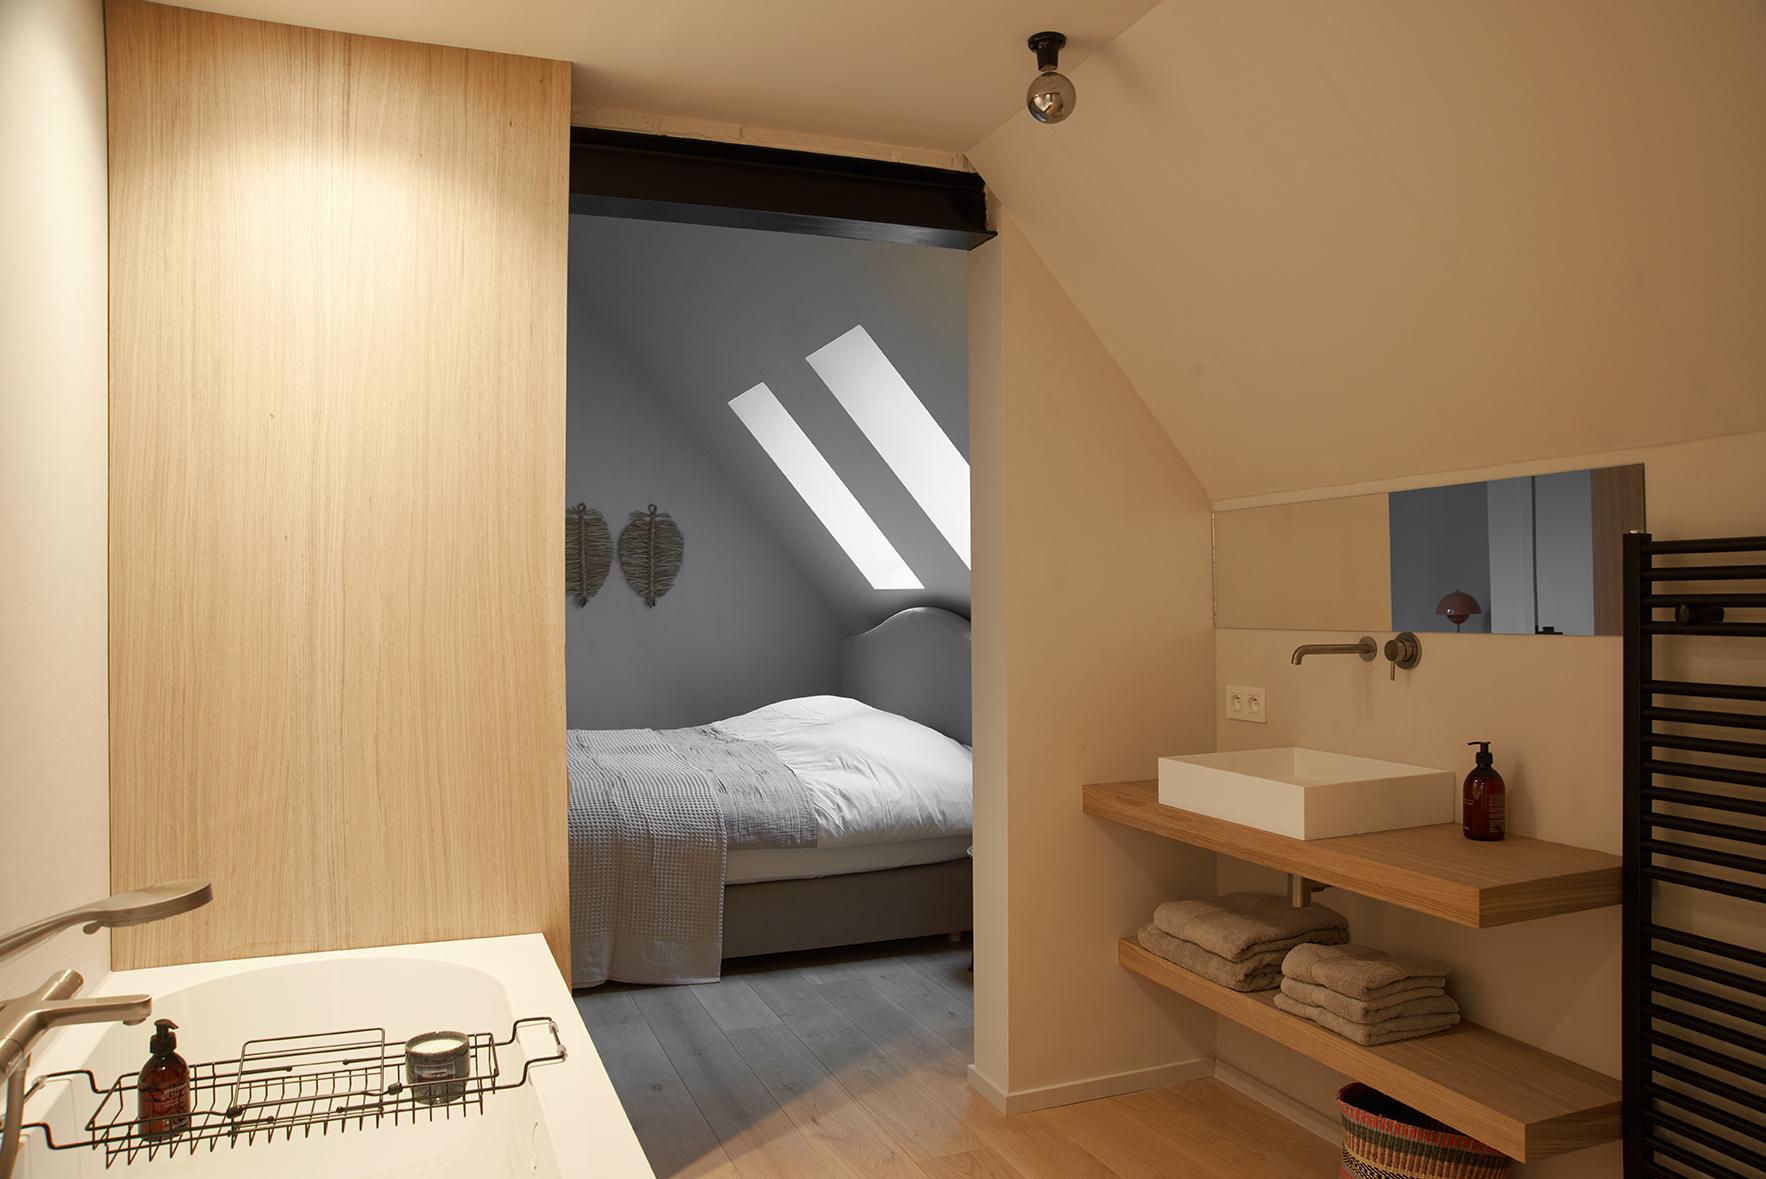 Deze gezellige kamer (20m2) beschikt over een royaal, handgemaakt, dubbel bed van de hoogste kwaliteit. De badkamer heeft een ligbad, regendouche, lavabo met spiegel en apart toilet. De mooie accenten in riet en natuurlijke materialen brengen je een stapje dichter bij de natuur… en bij elkaar.